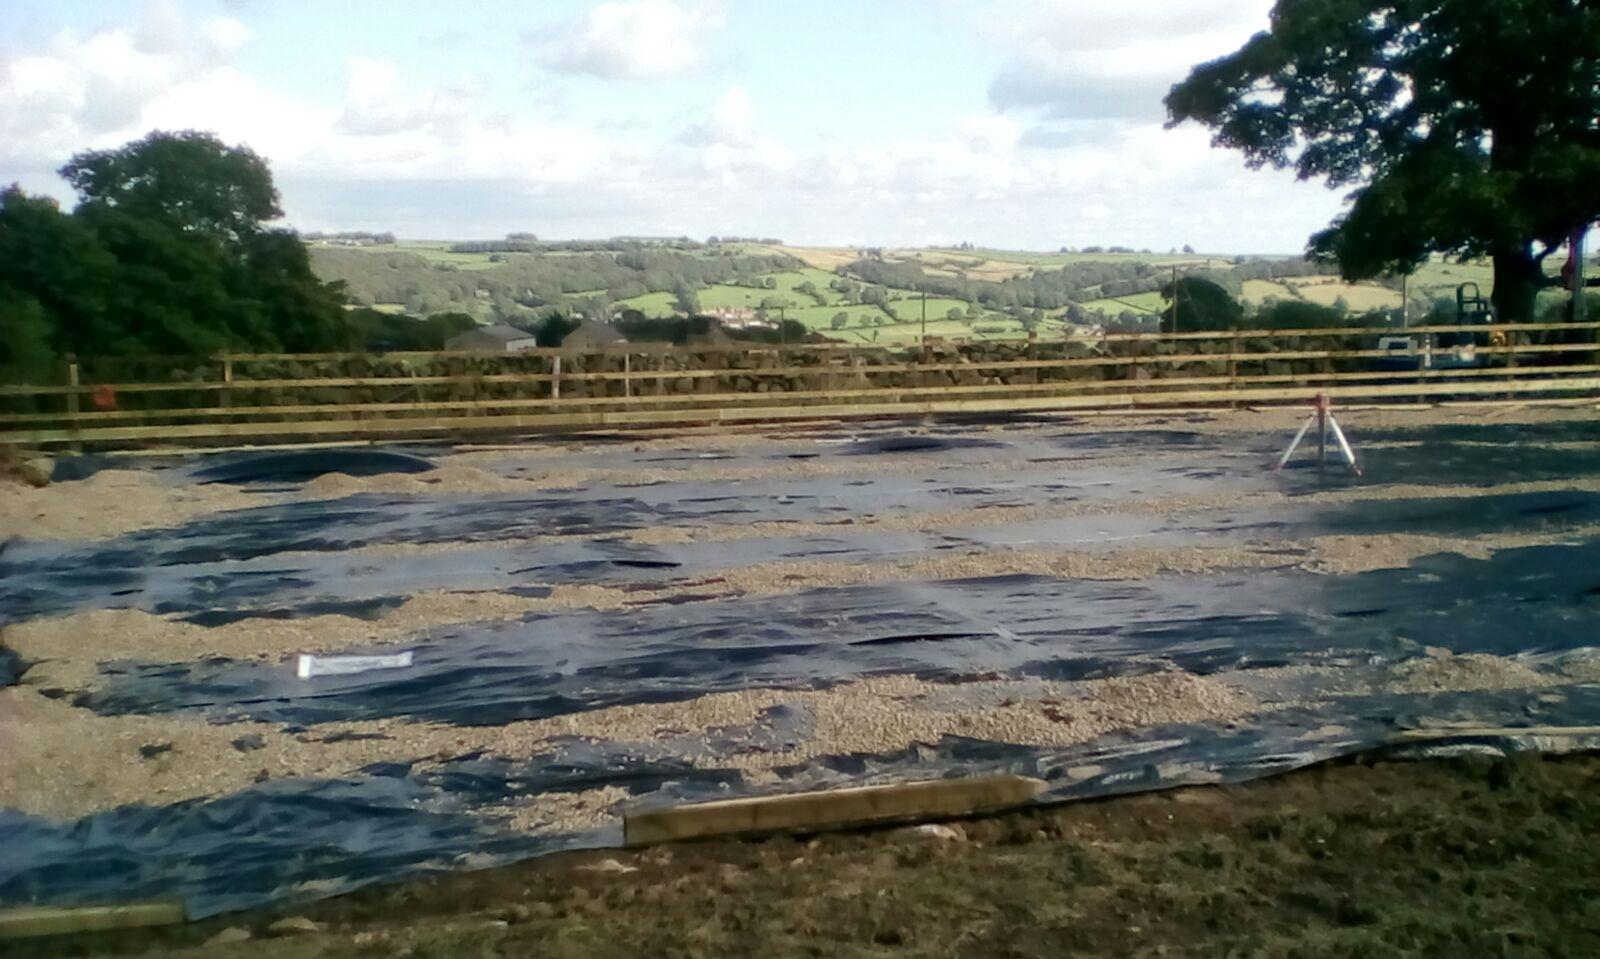 Equestrian arenas, Yorkshire